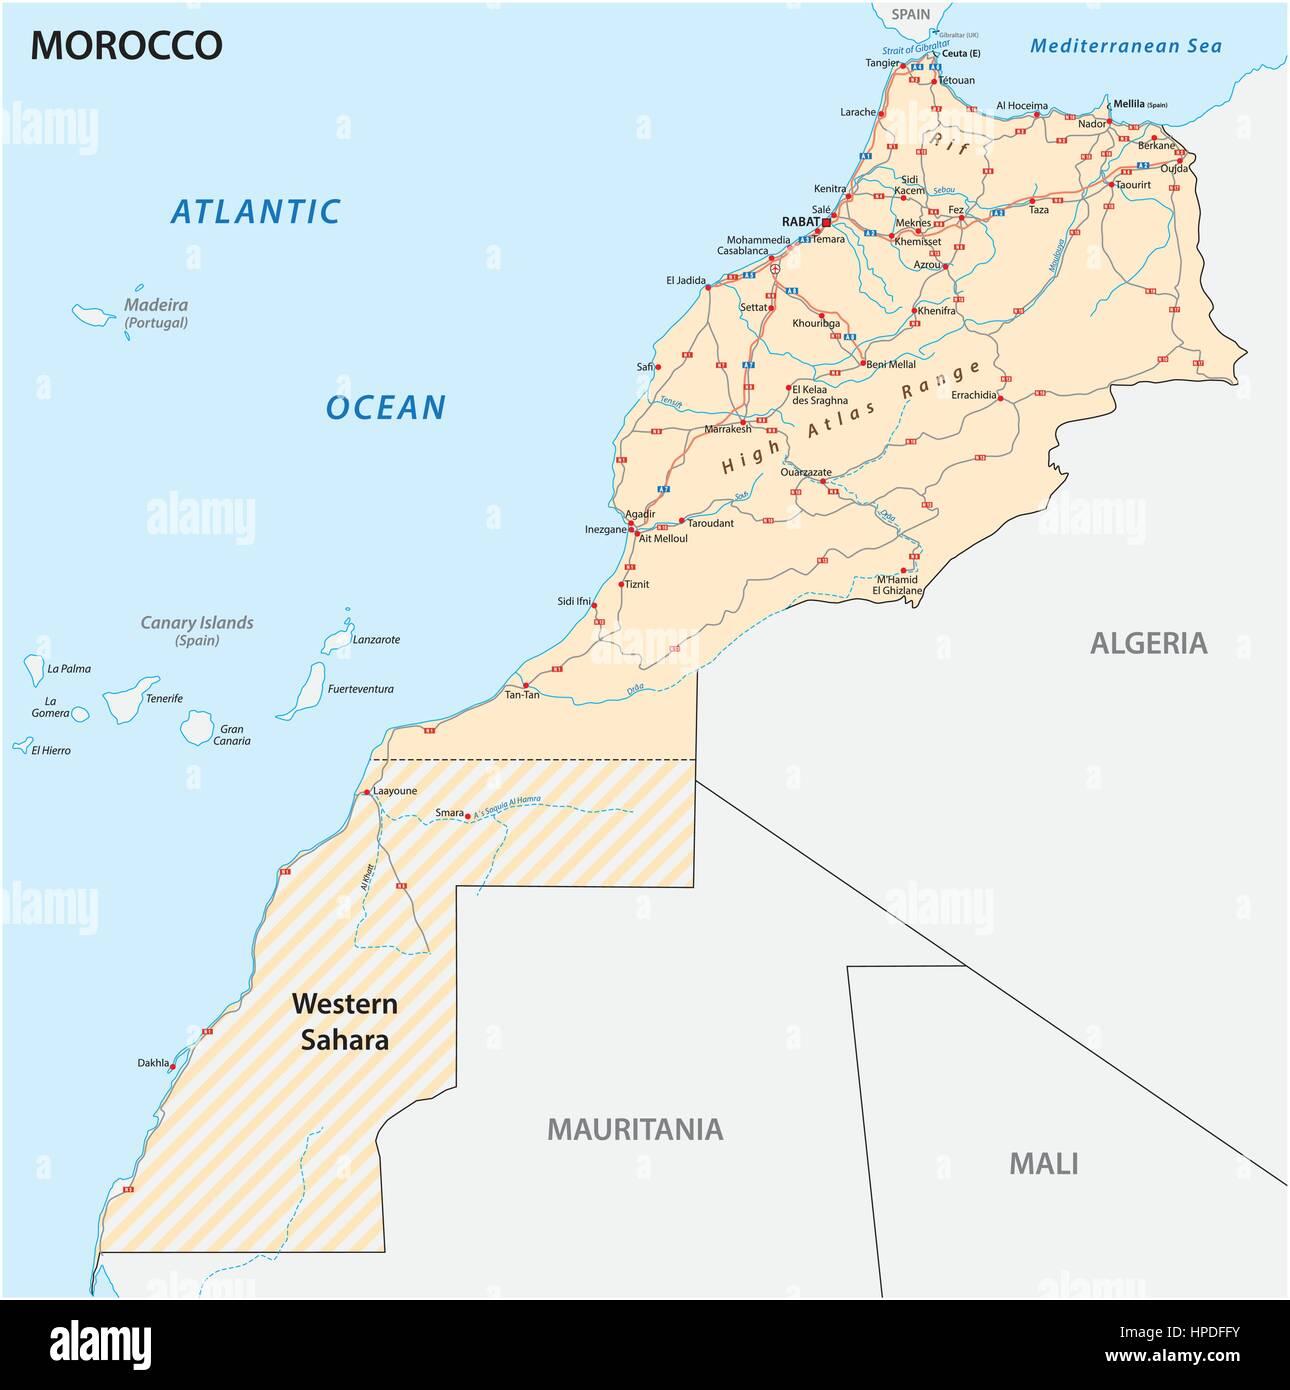 Cartina Geografica Marocco.Mappa Stradale Del Regno Del Marocco Eps Illustrazione Vettoriale